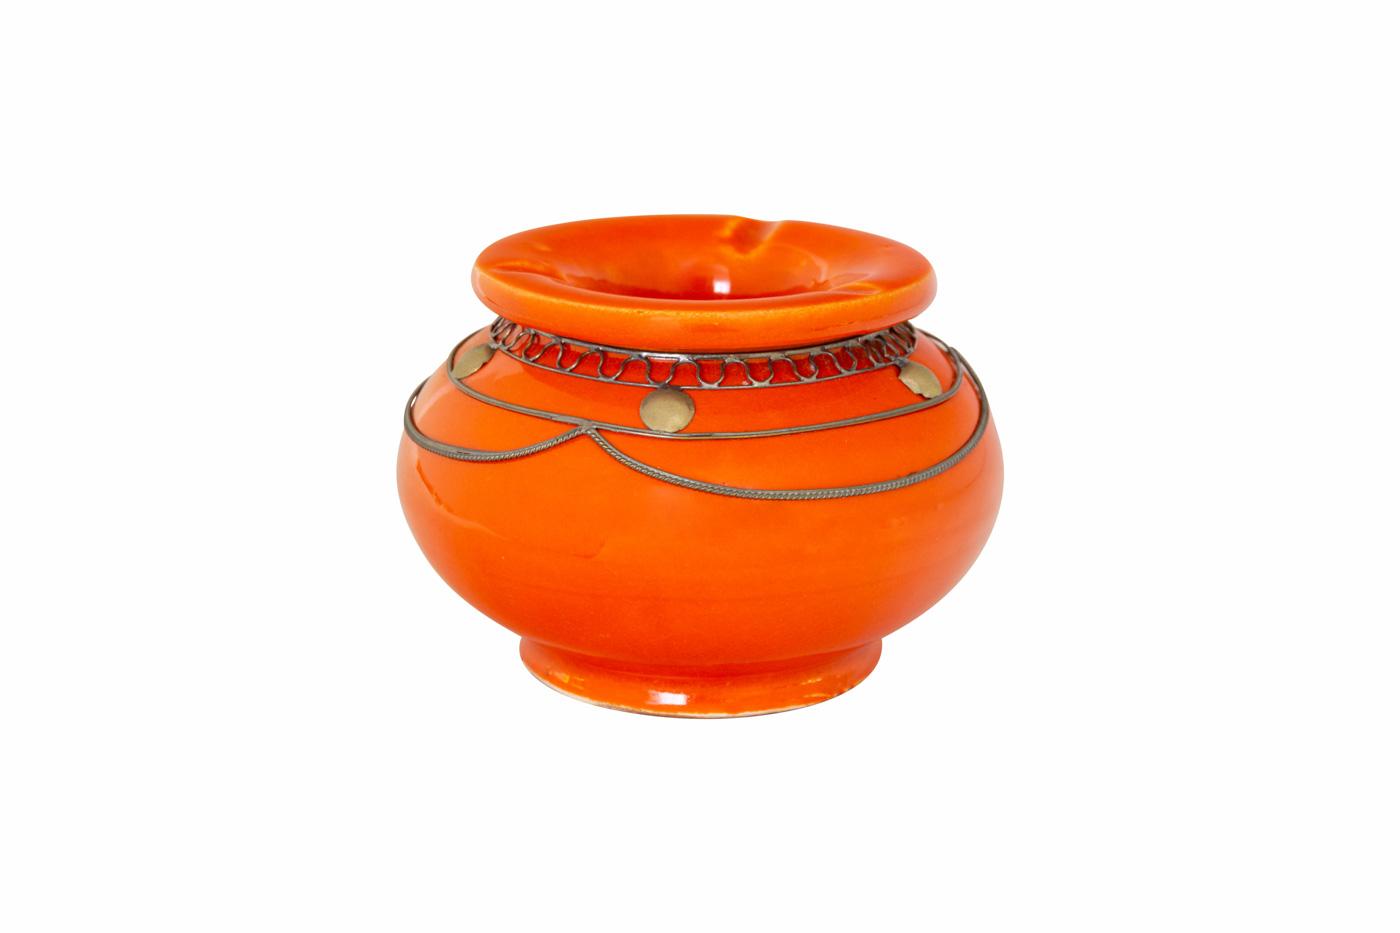 Cenicero Marroquí en cerámica y metal, naranja